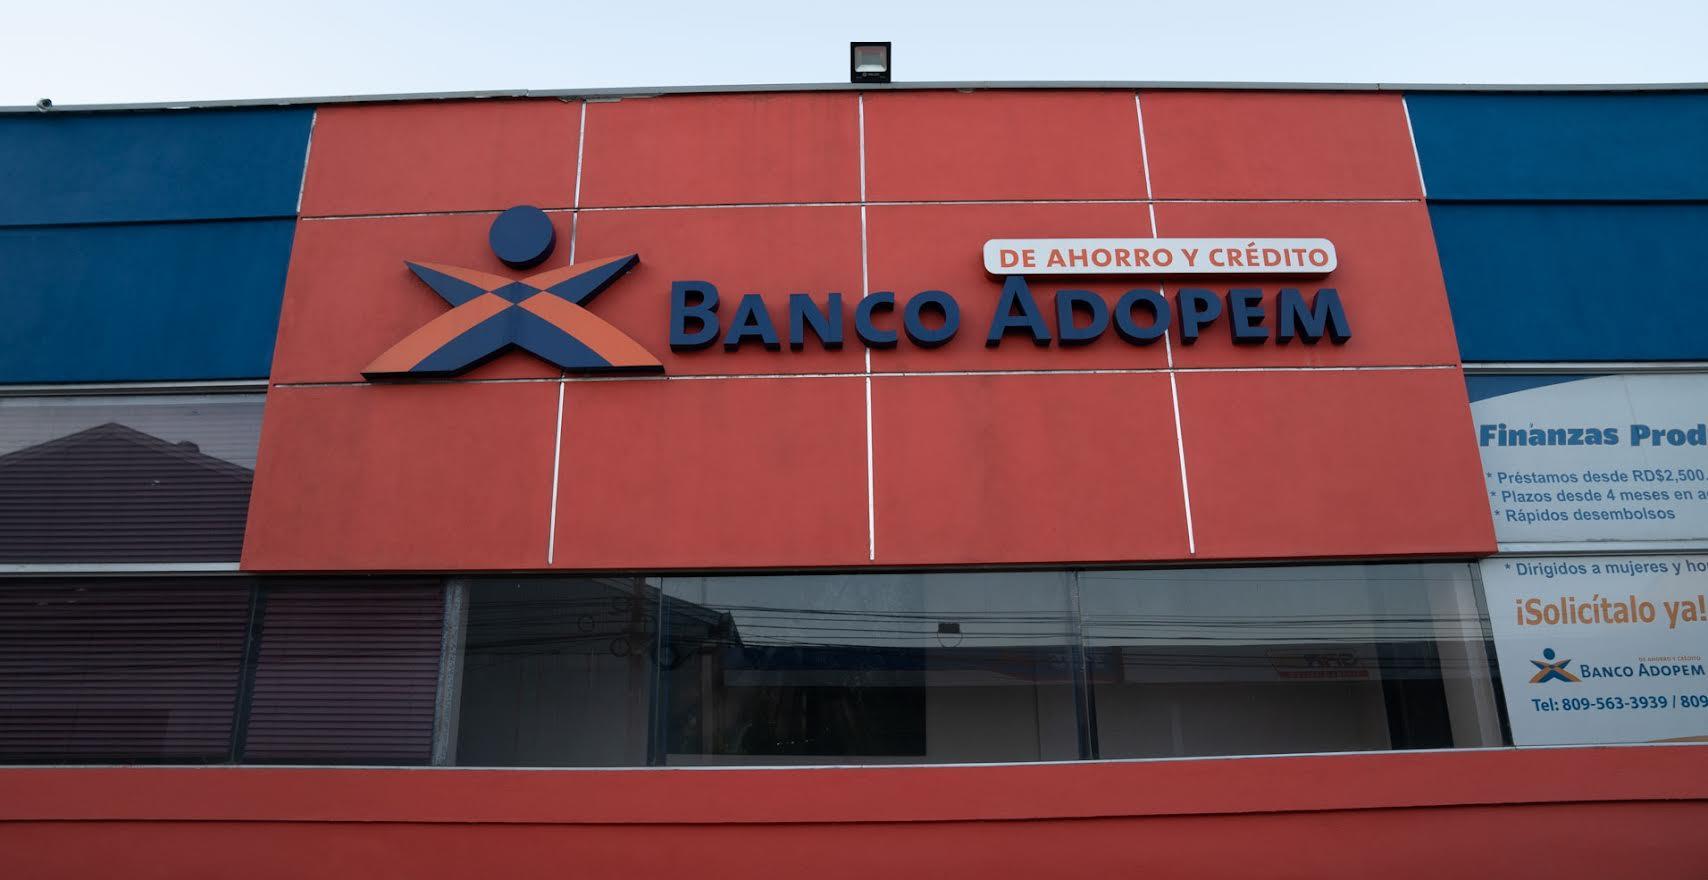 El 18% de los clientes de Banco ADOPEM sale de la pobreza en su segundo año de relación con la entidad